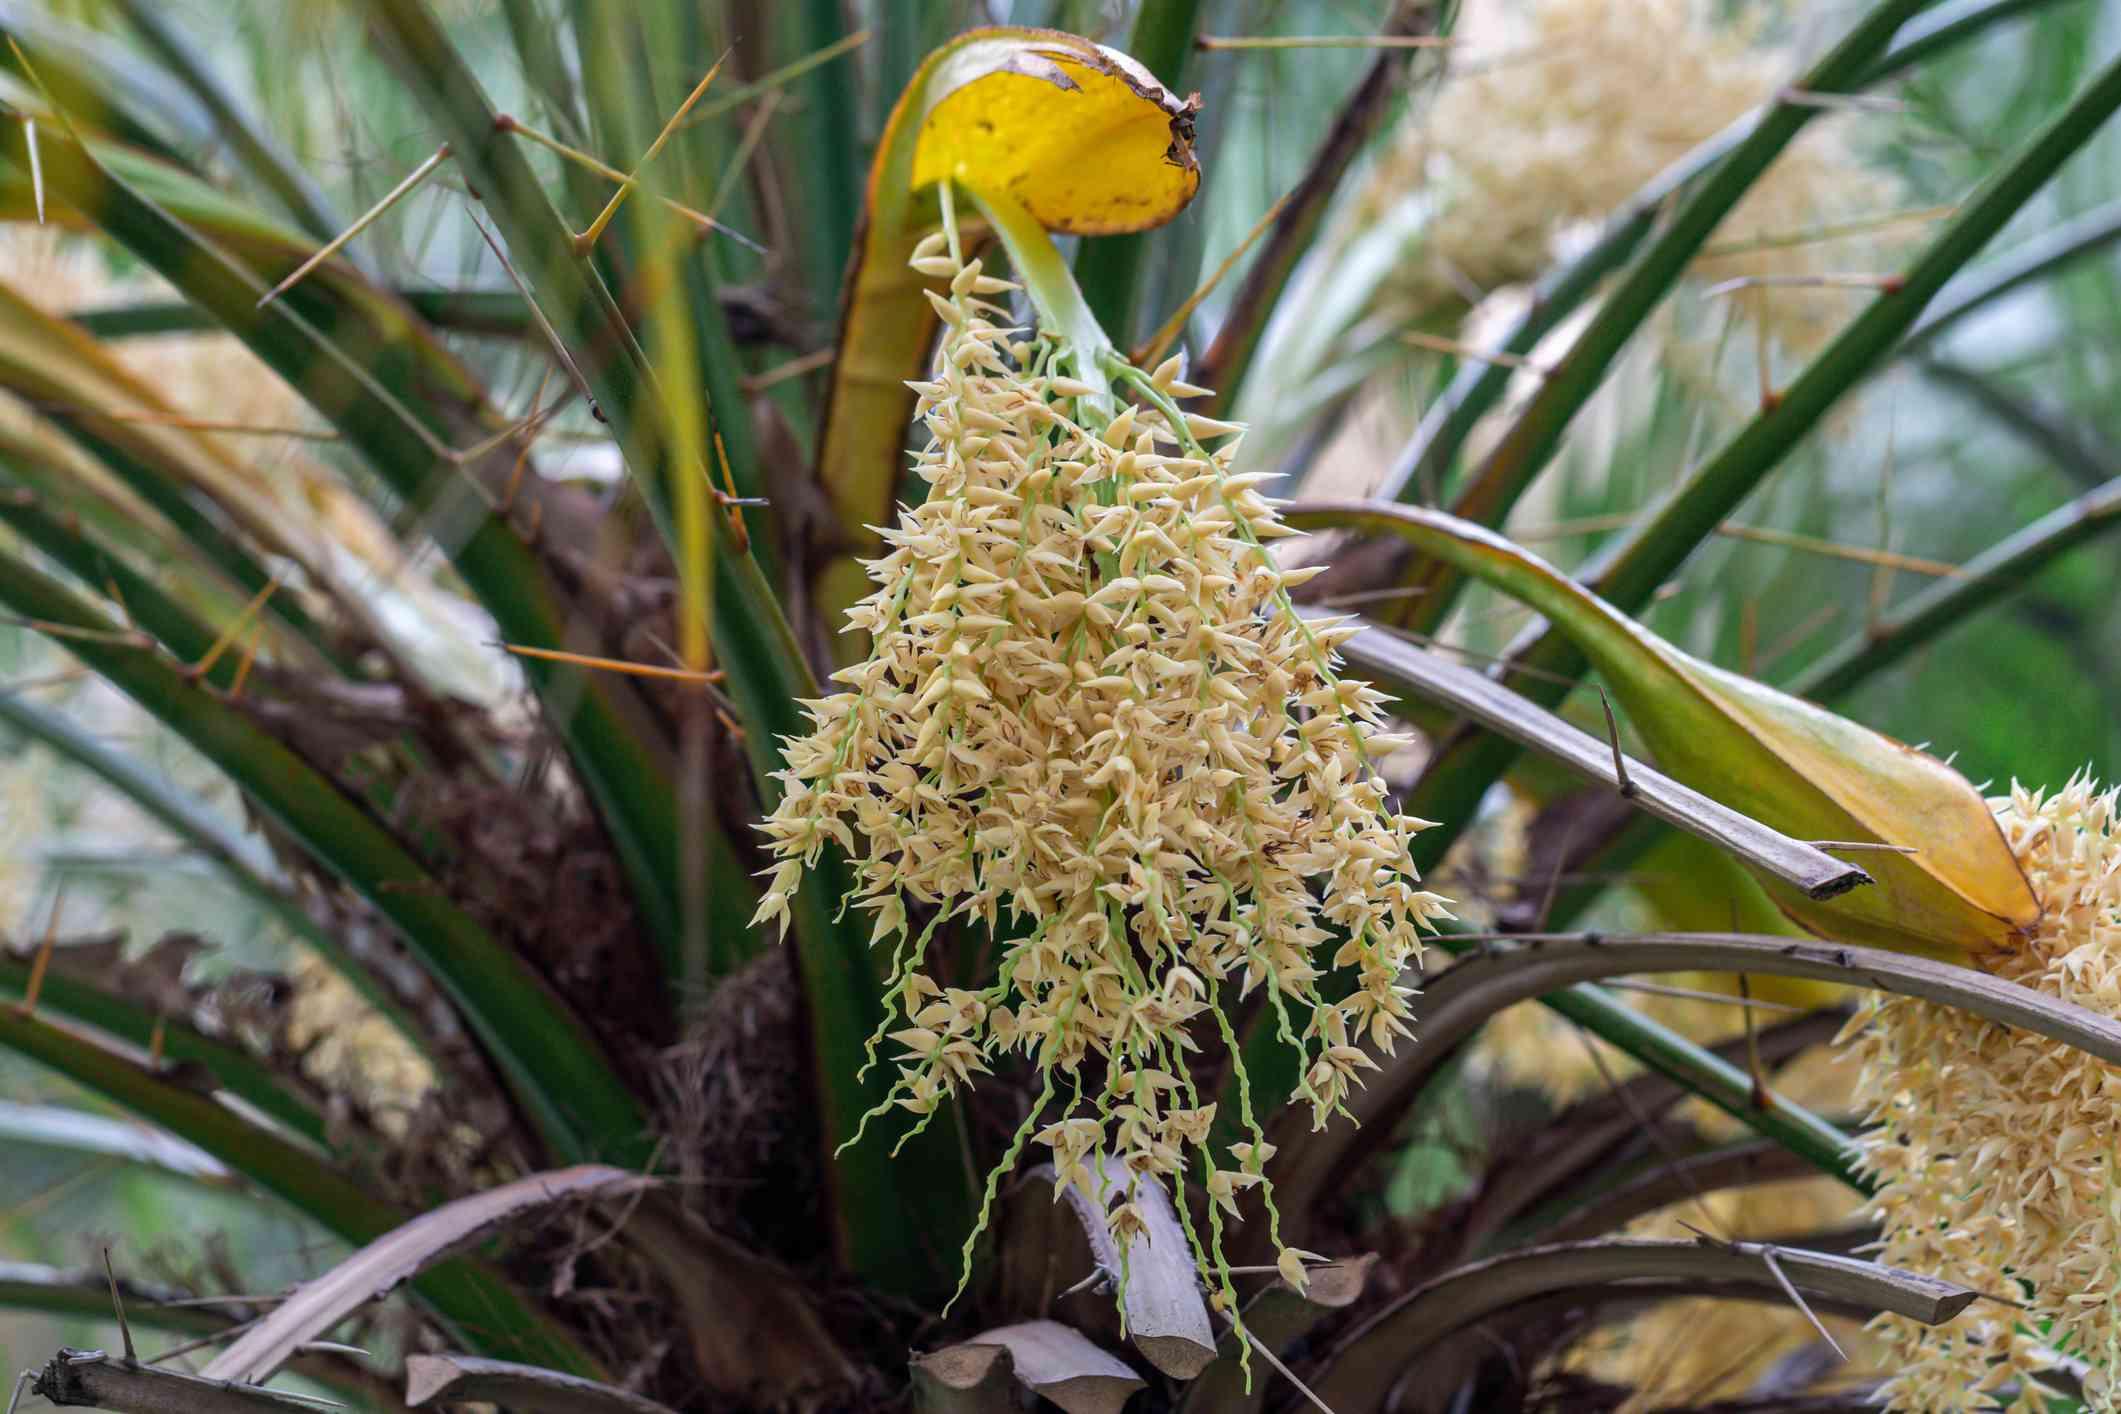 Close up Dwarf date palm